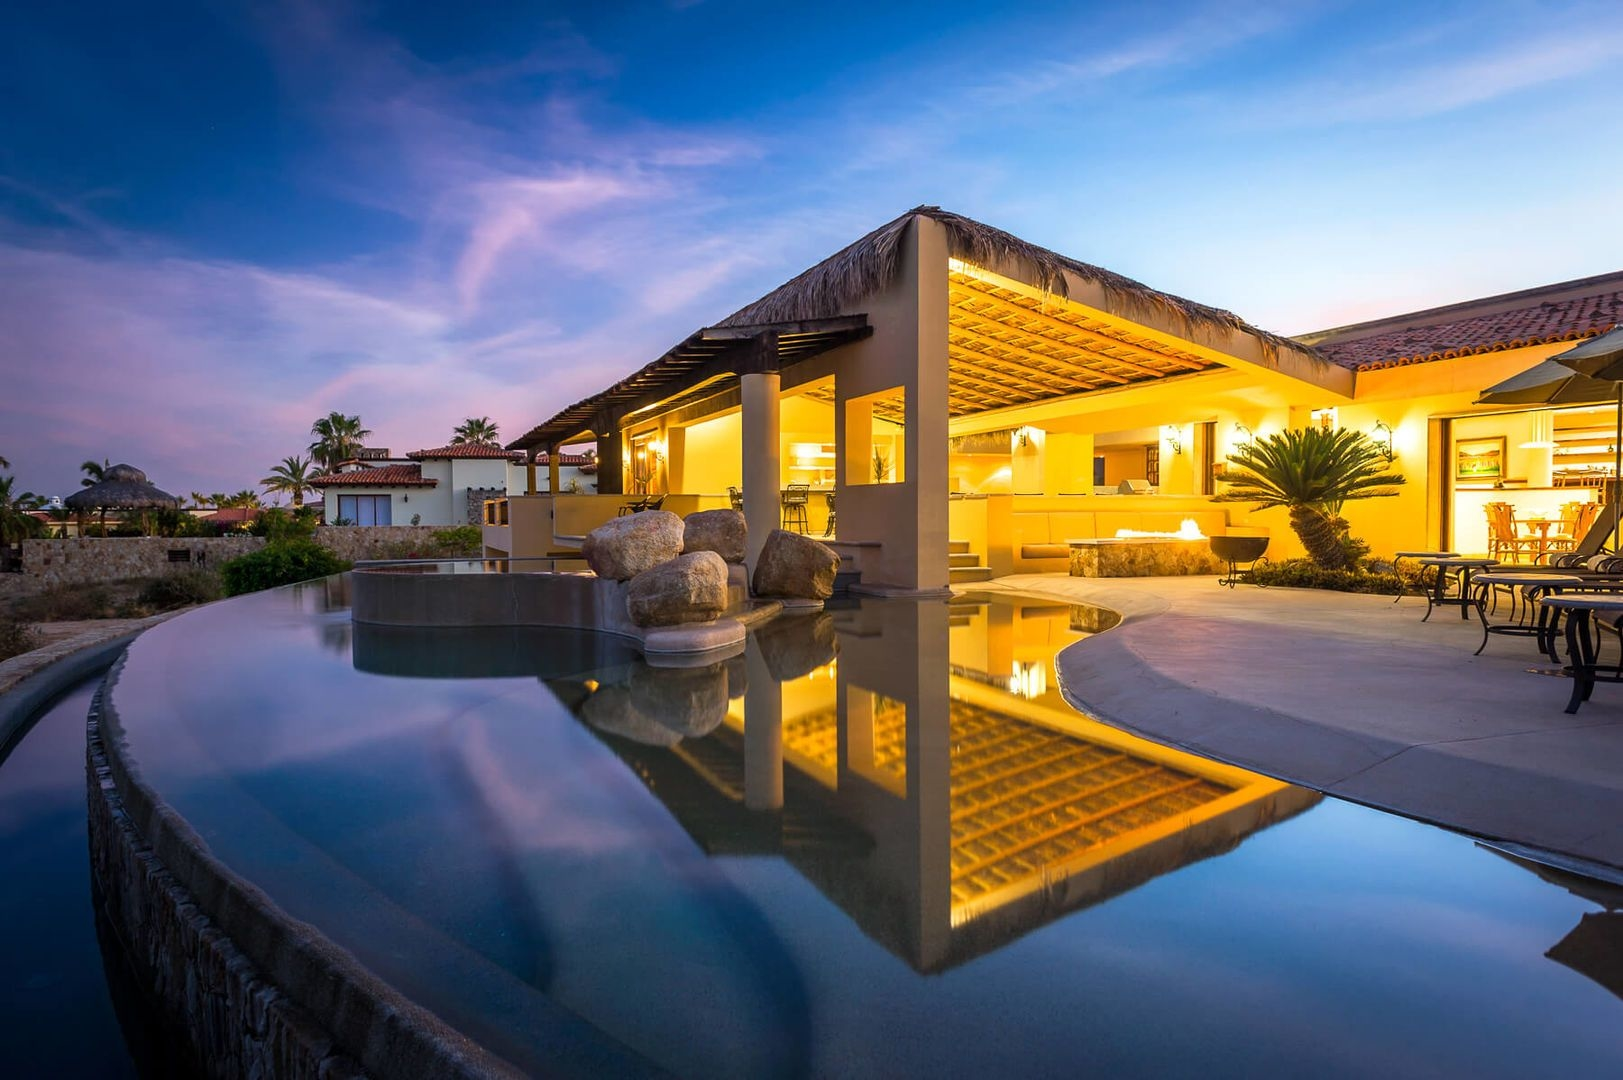 Luxury vacation rentals mexico - Los cabos - Los cabos corridor - Punta ballena - Casa Tita - Image 1/24